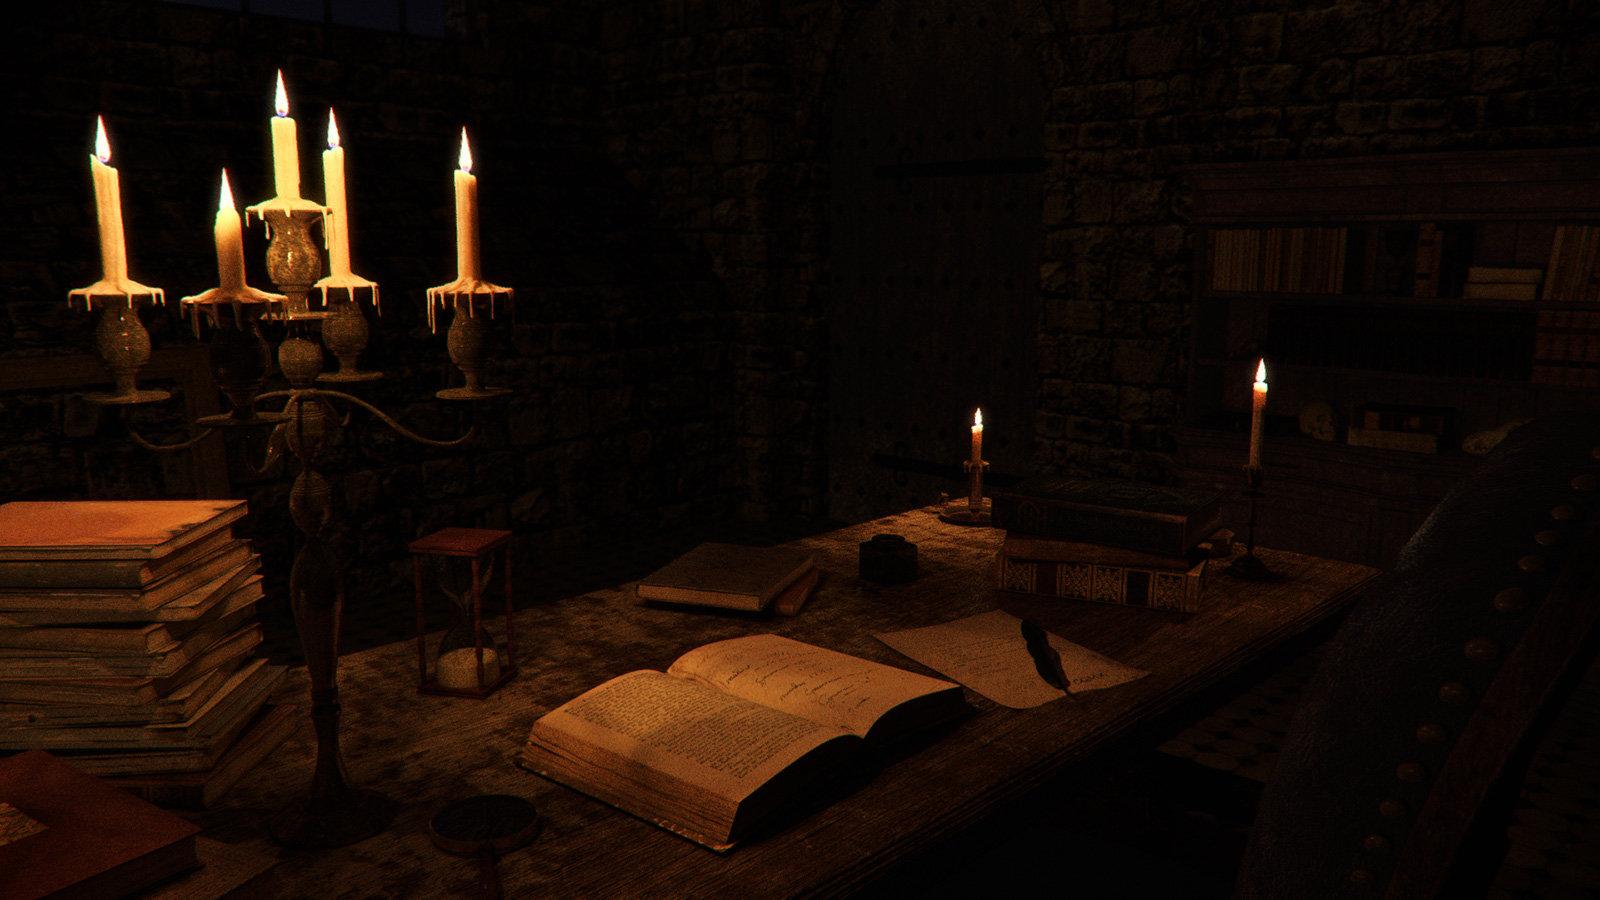 Medieval interior night 01 pn1 pp